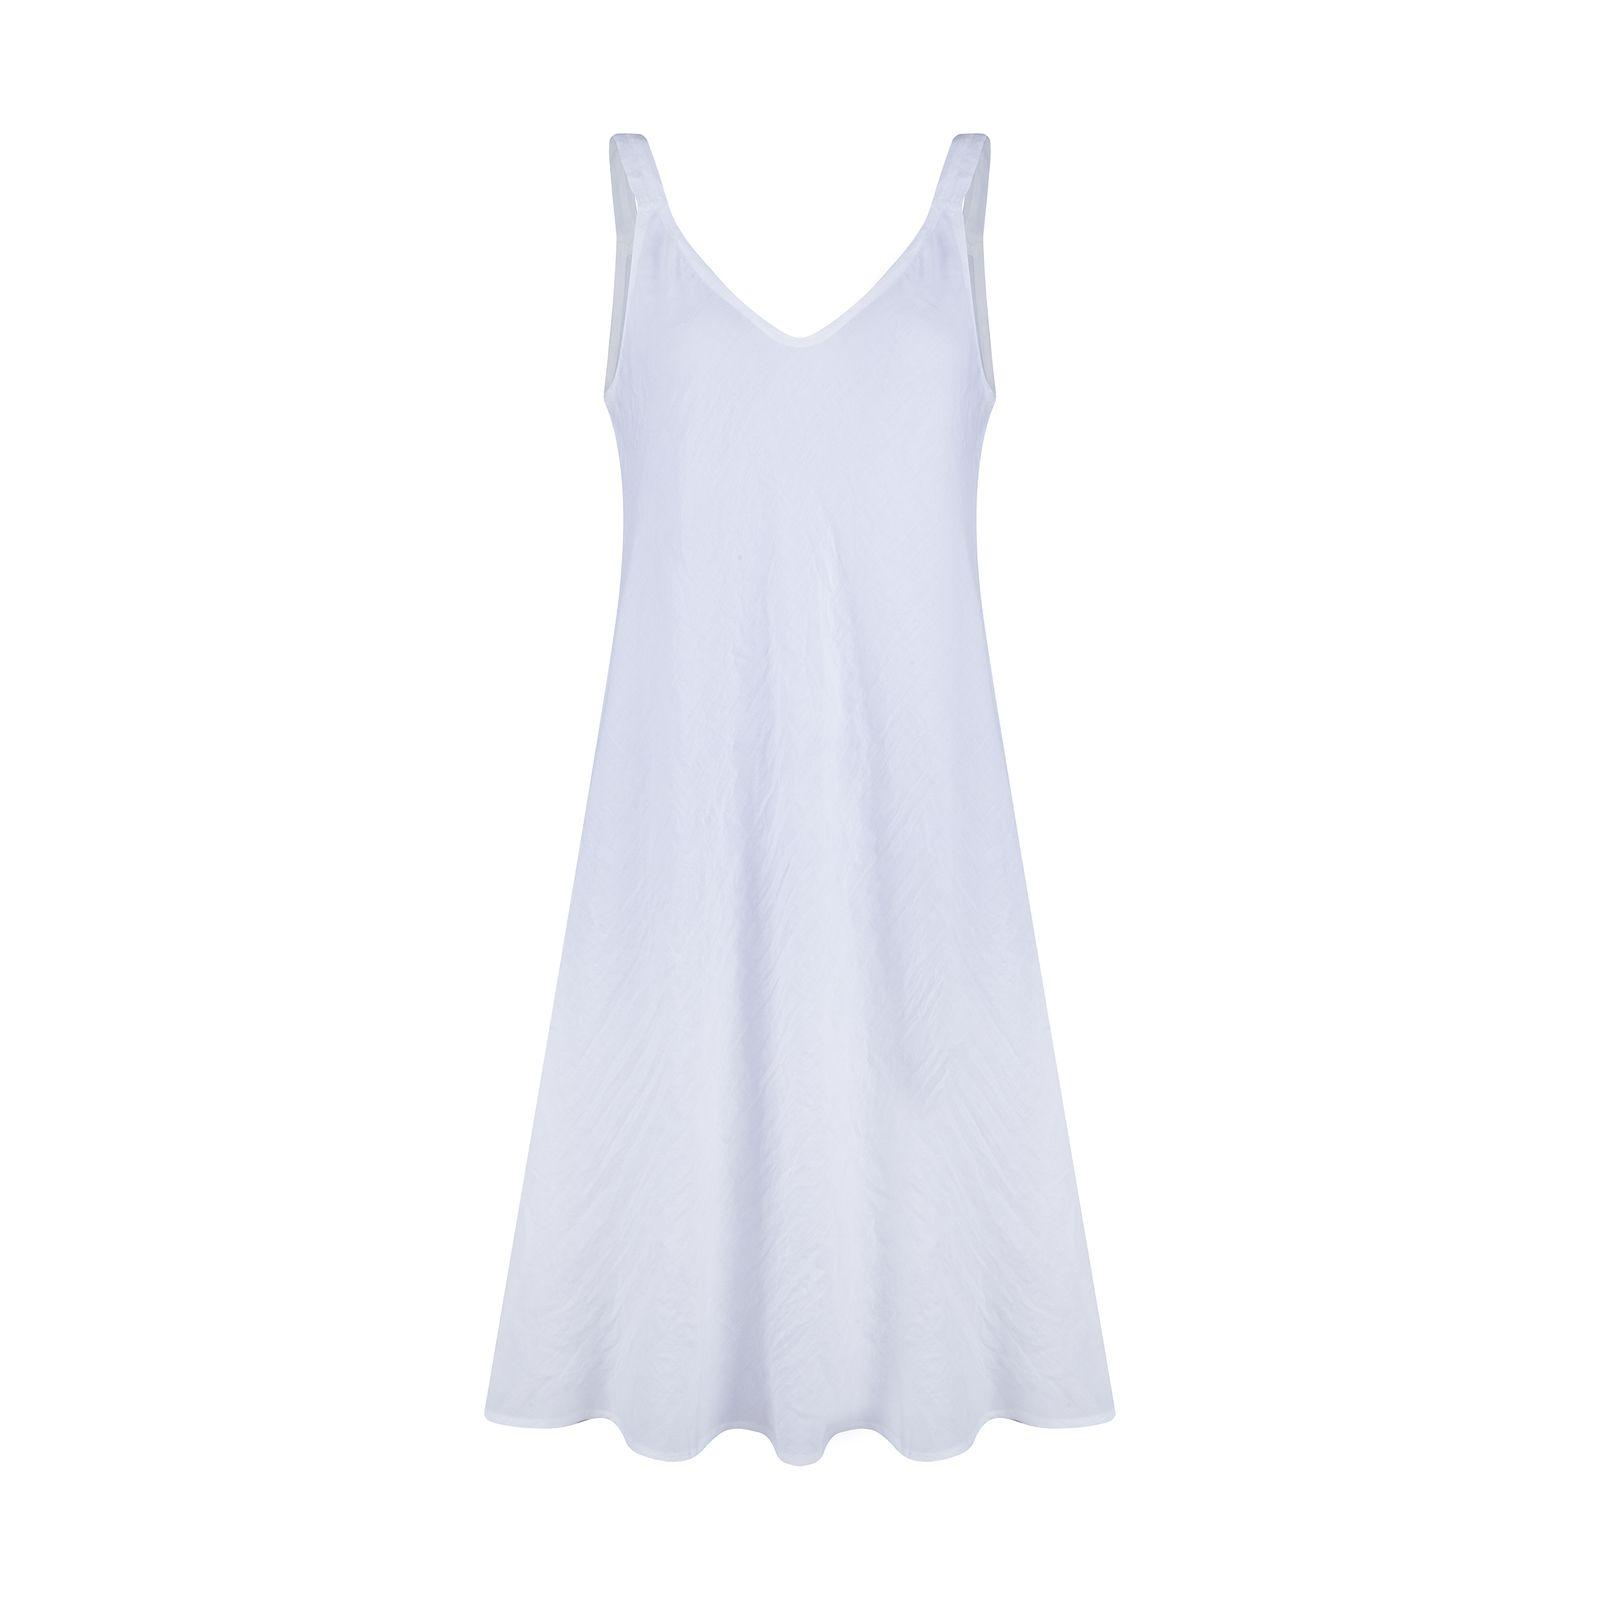 لباس خواب زنانه هیتو استایل مدل D28F366 -  - 1